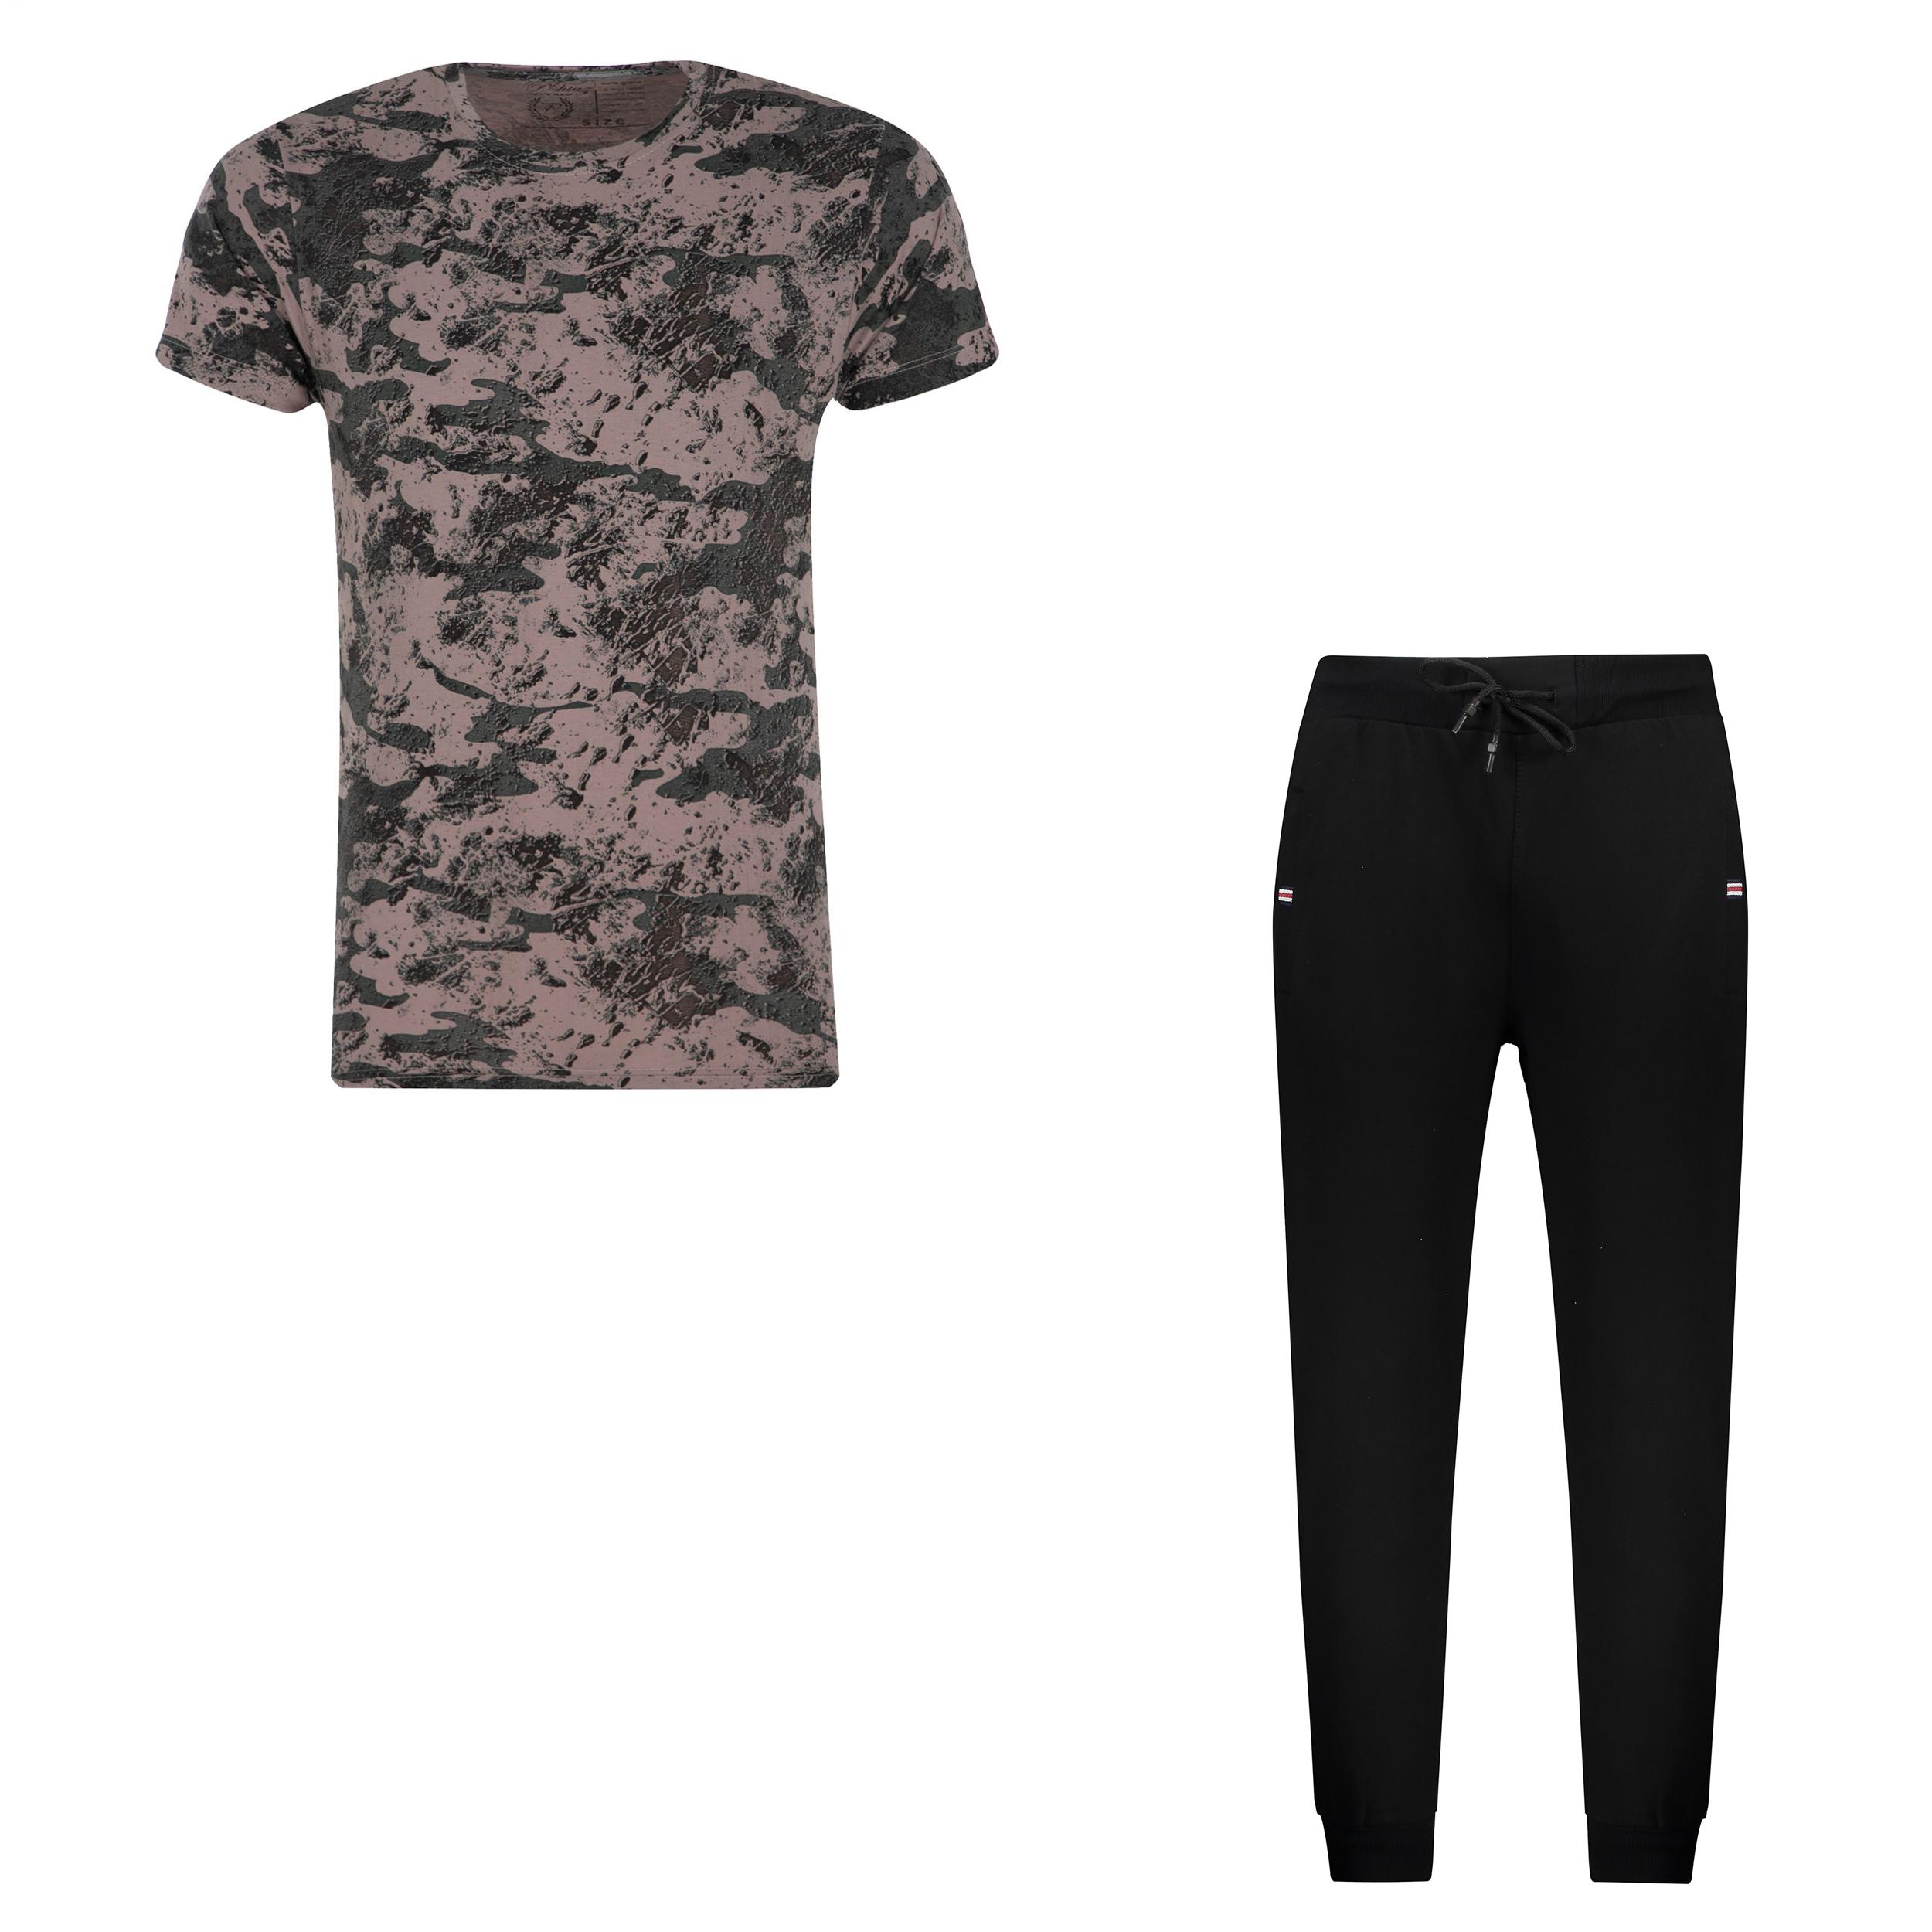 ست تی شرت و شلوار مردانه کد 111213-4 -  - 3